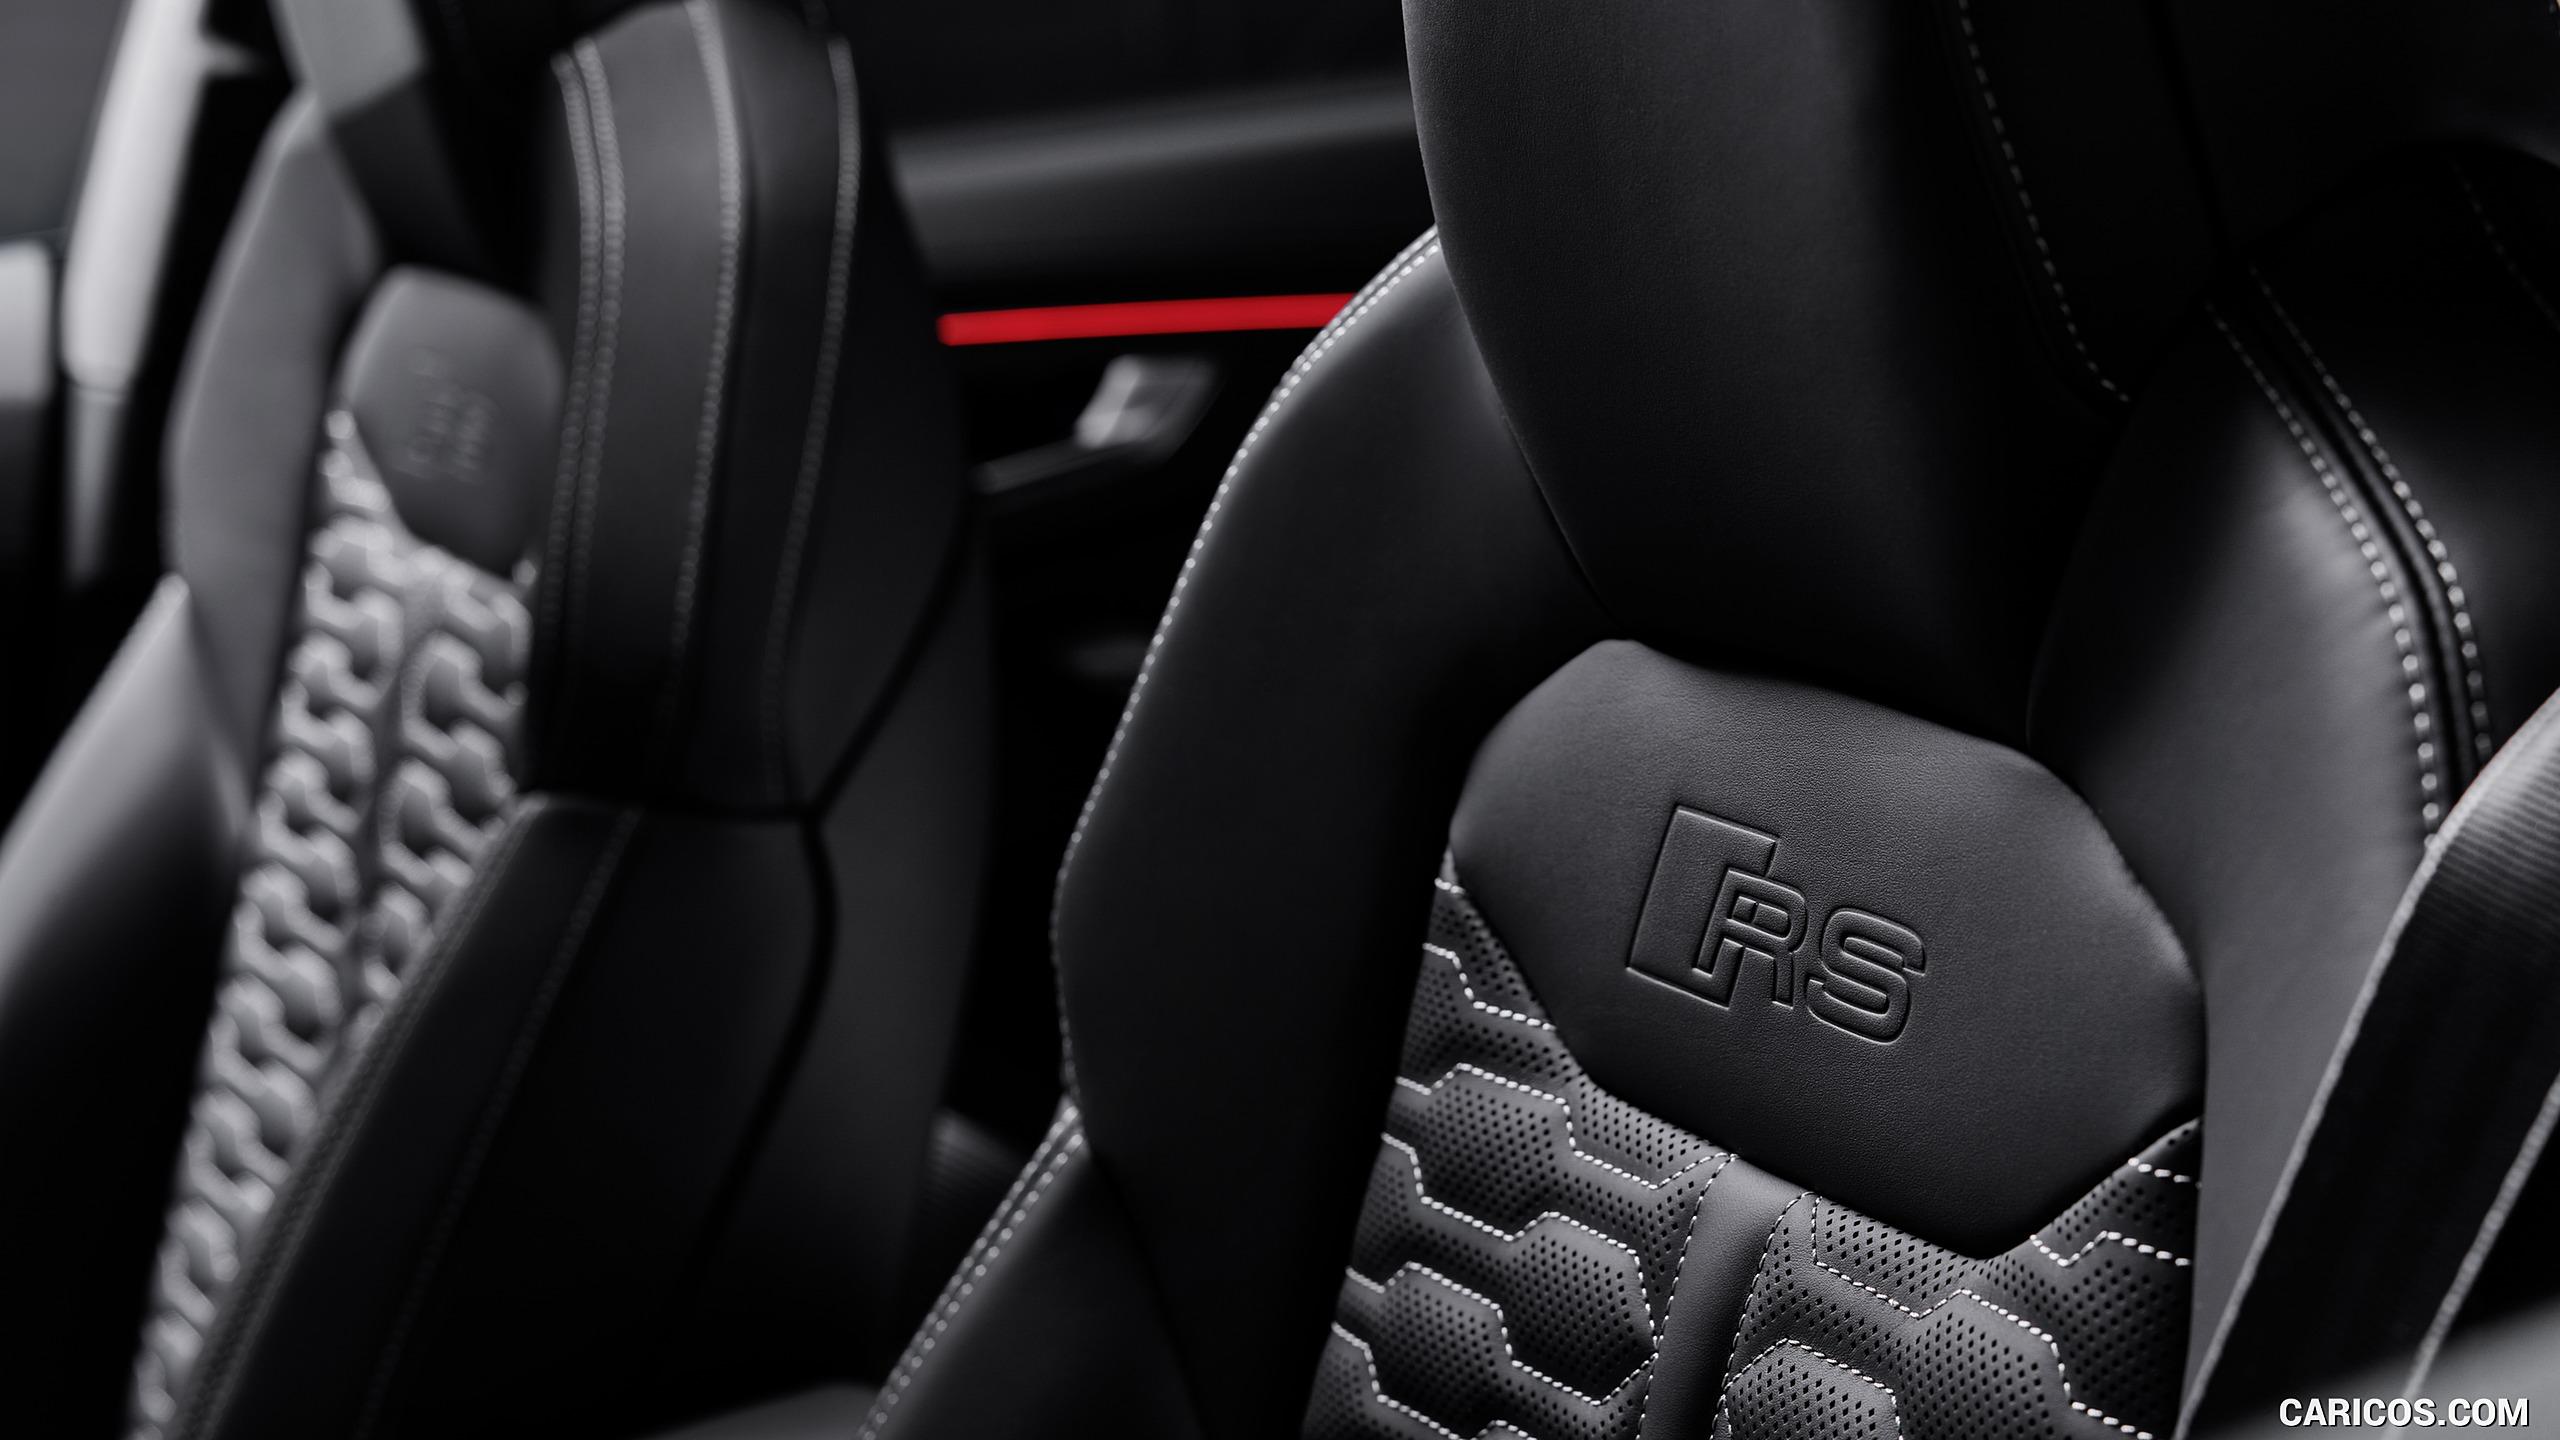 2020 Audi RS Q8   Interior Seats HD Wallpaper 17 2560x1440